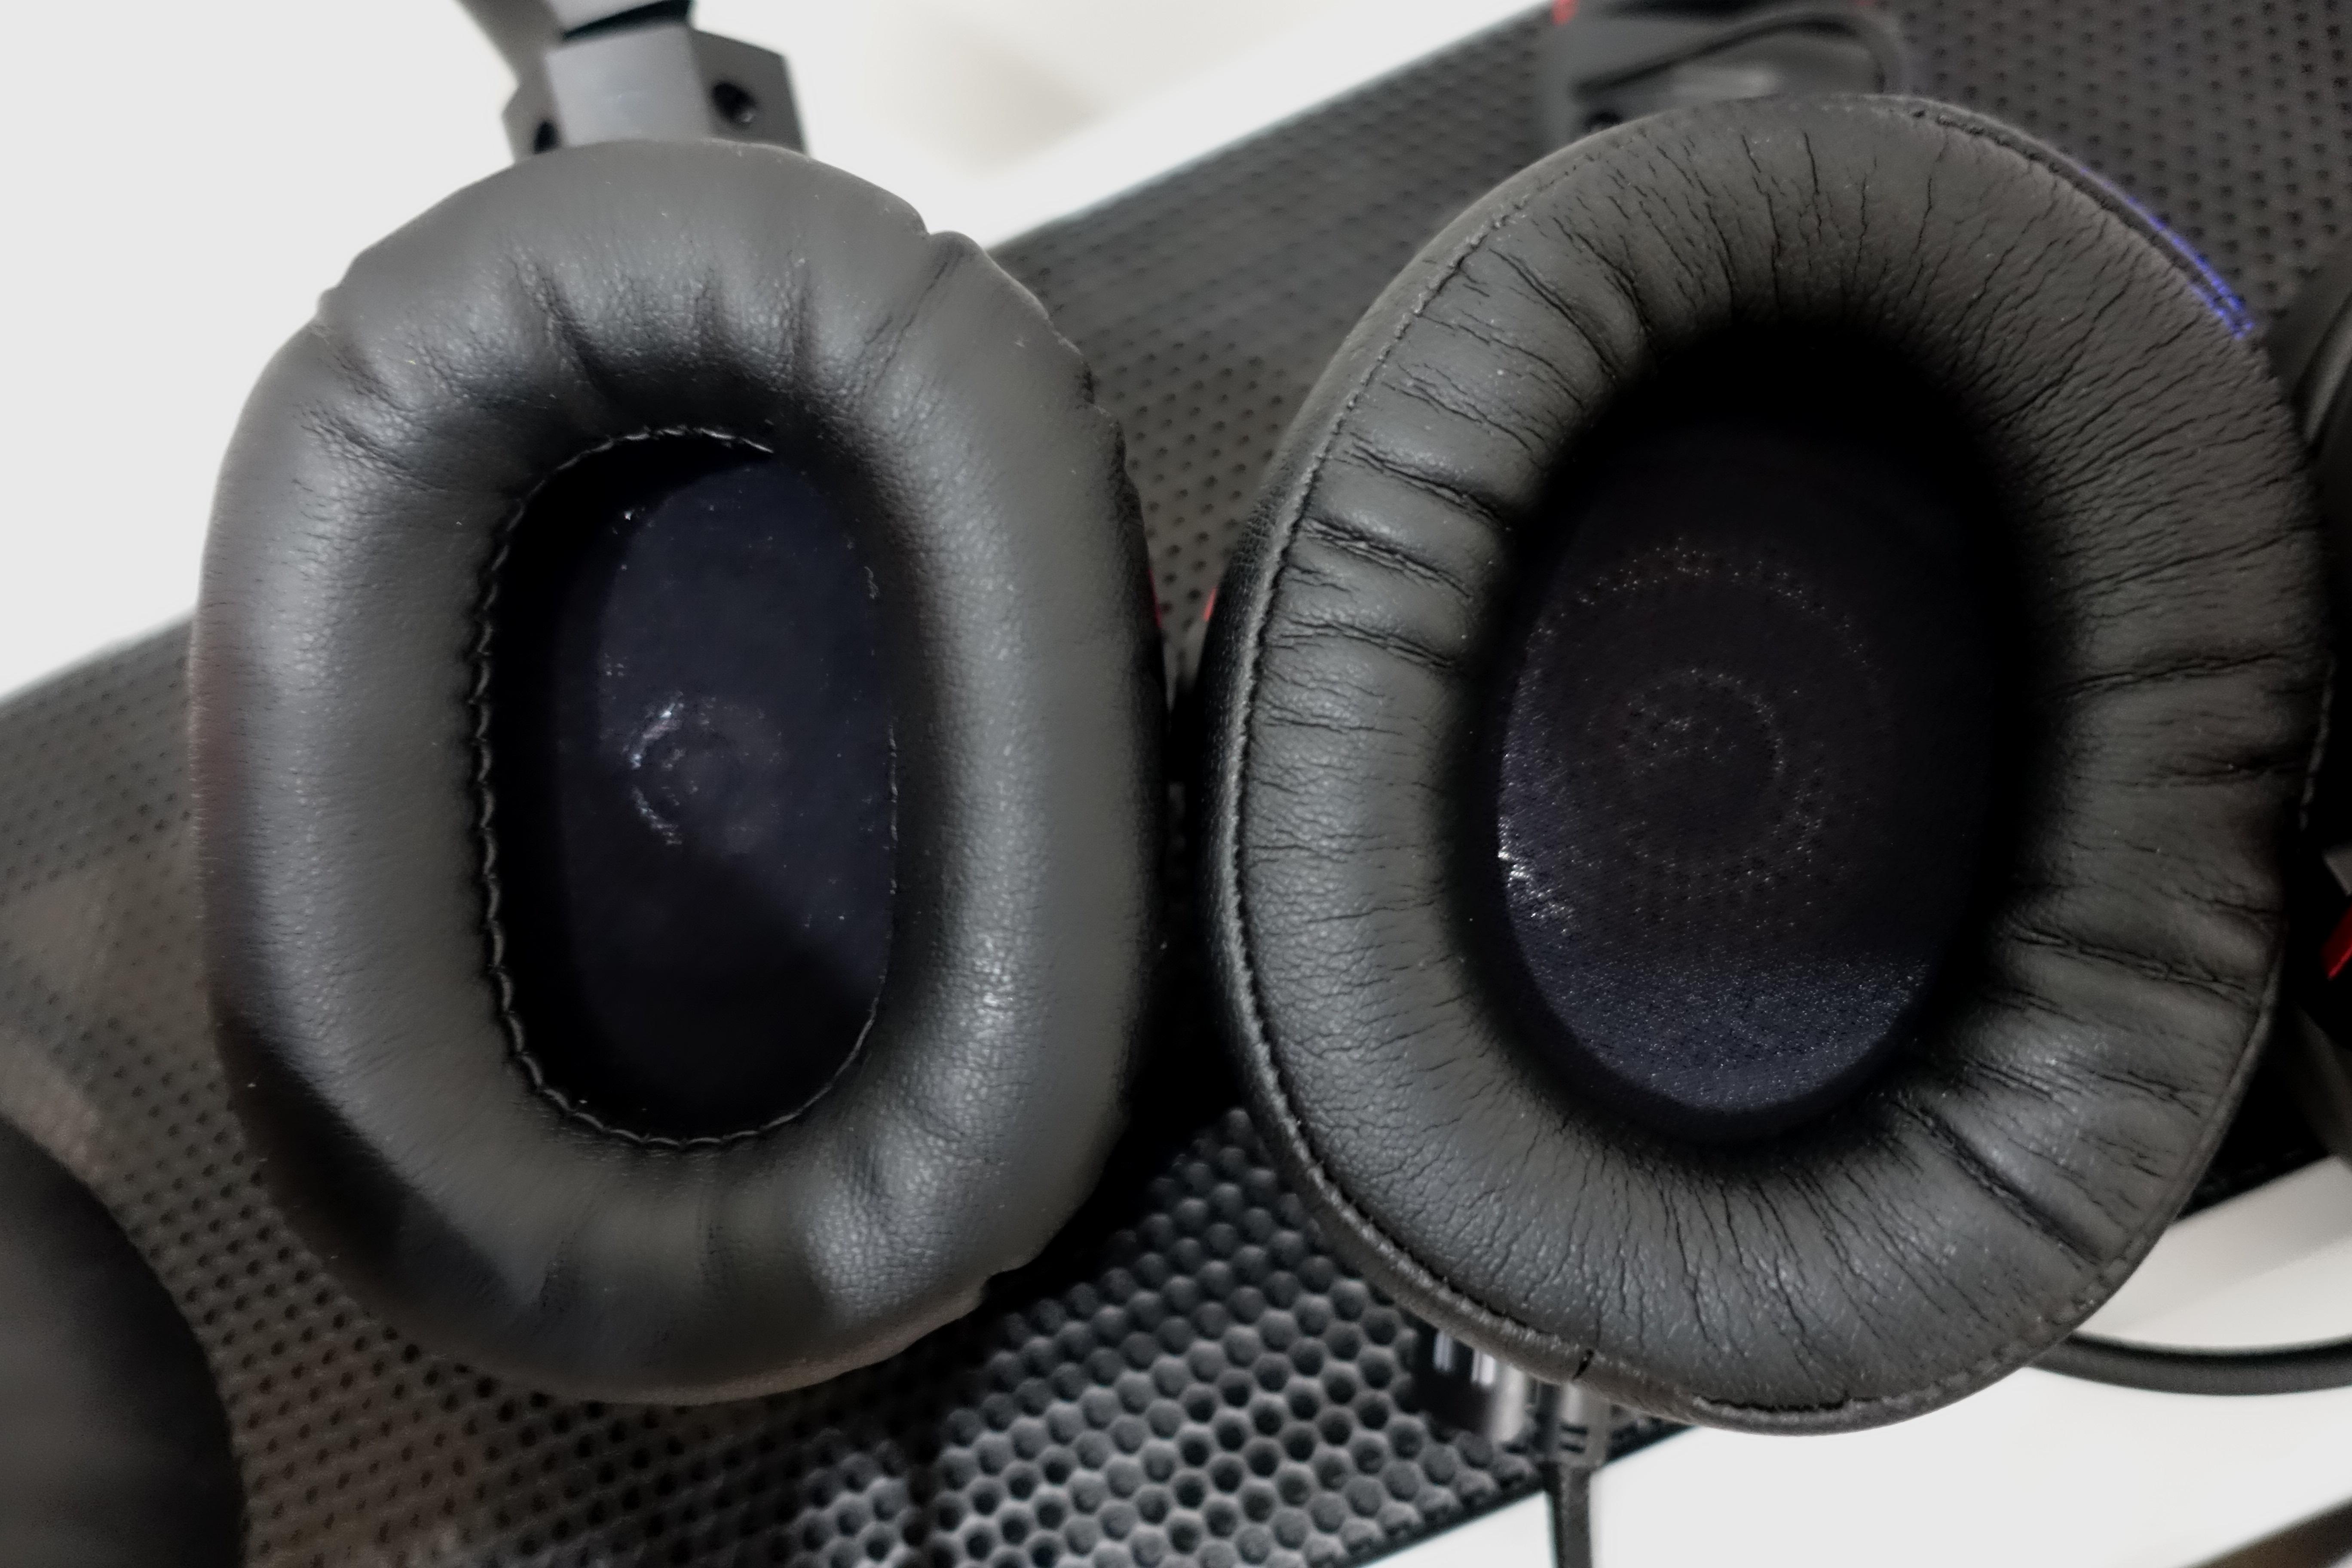 Ved første øyekast ser HyperX mer behagelig ut (på høyre side), men Roccat-settet går mye dypere slik at ørene ikke skraper borti høyttalerne.